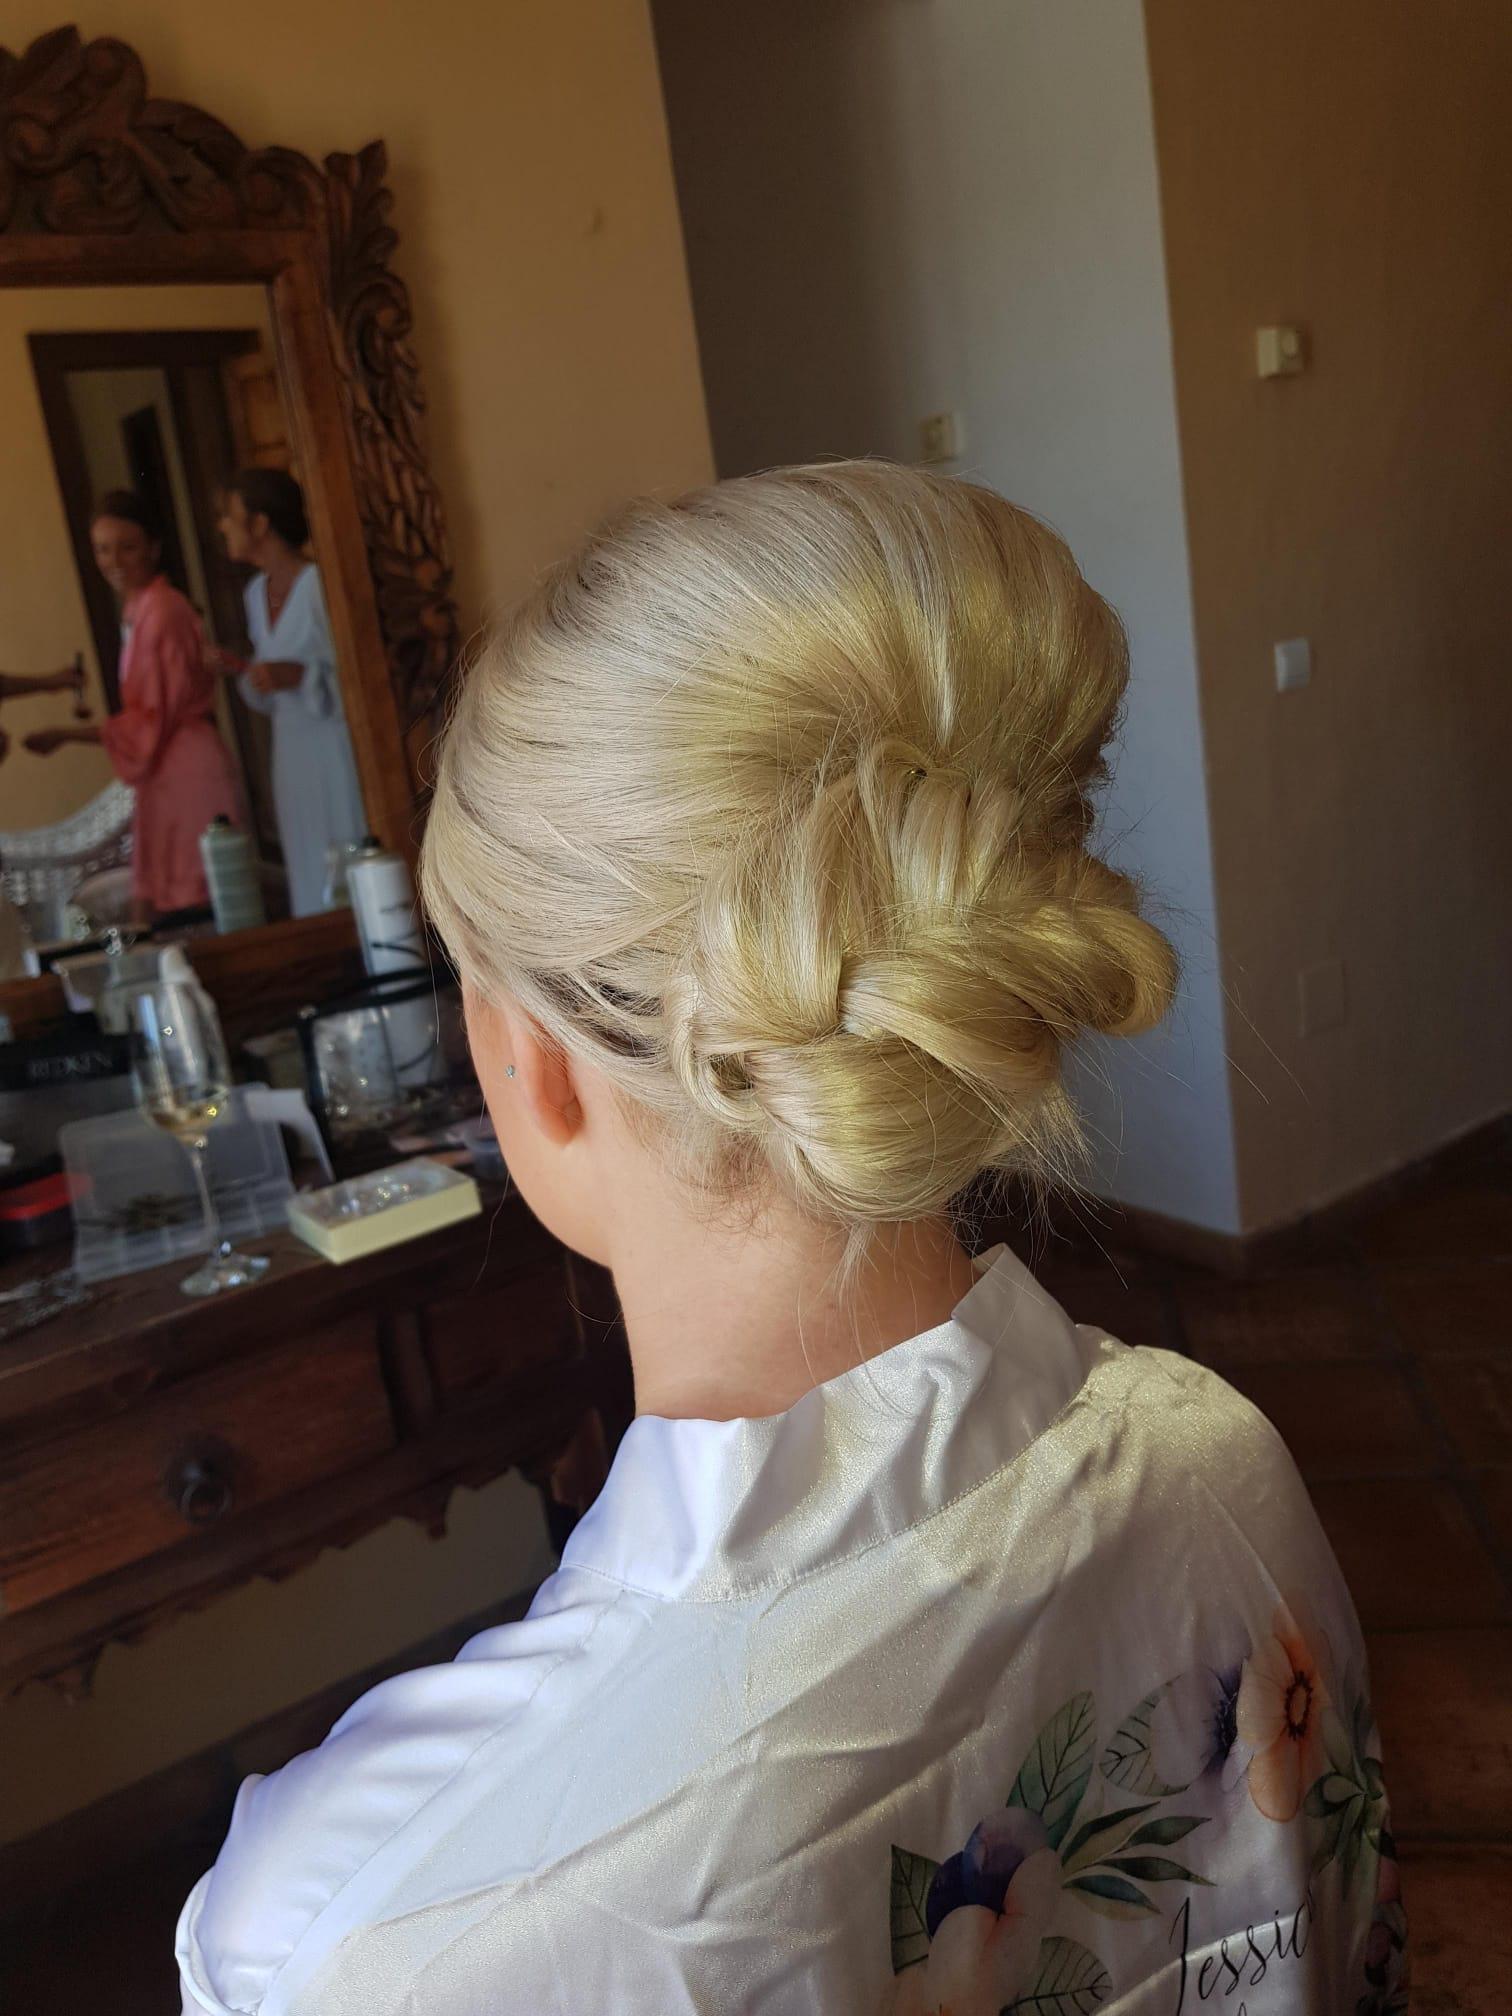 Bridal preparations in Spain.